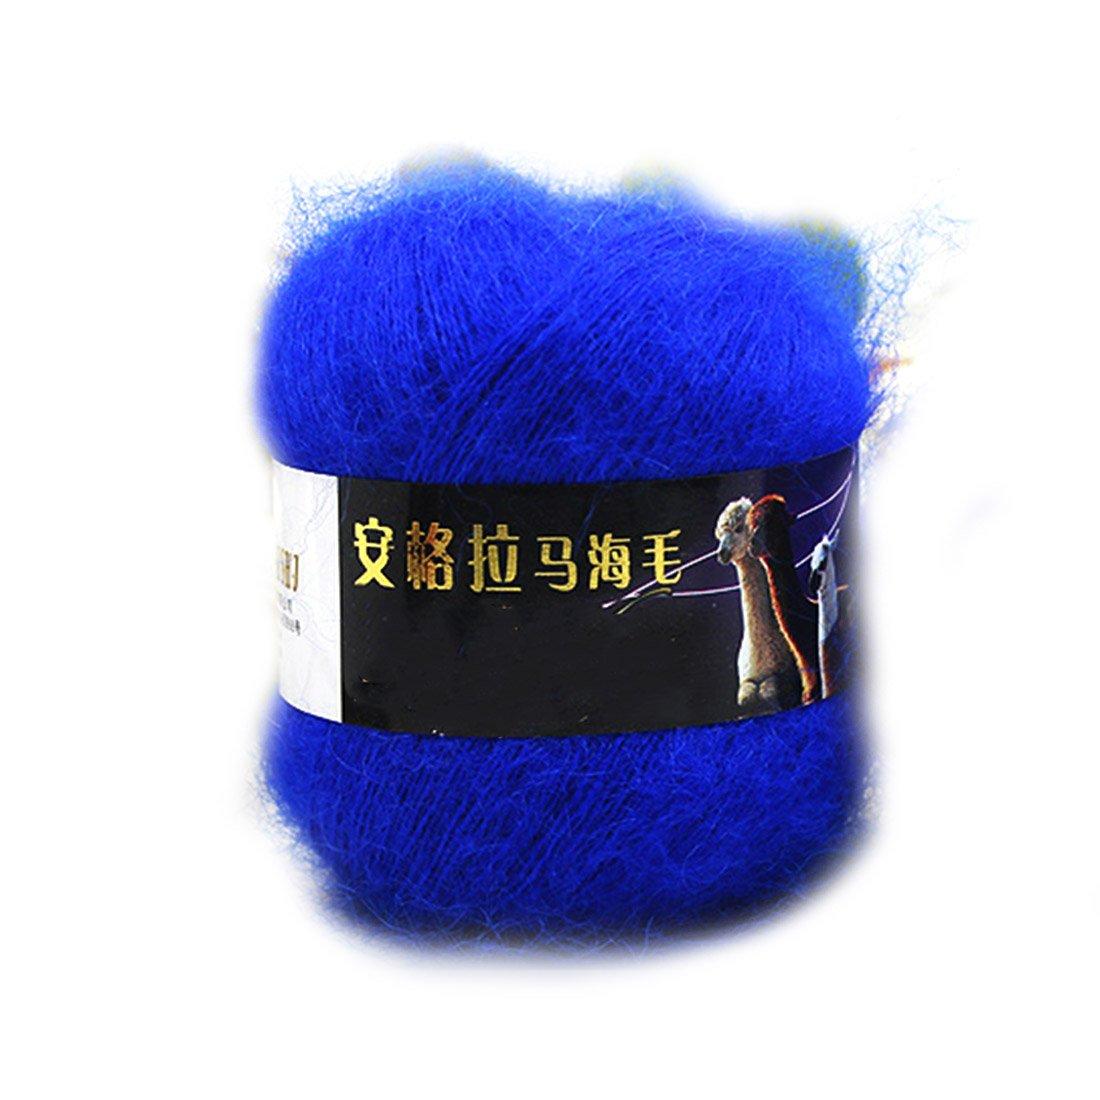 2016 Fashion Soft Luxury Mohair Wool Knitting Yarn Sweater Scarf Knitting Wool-White rongwen LEPAZN3244